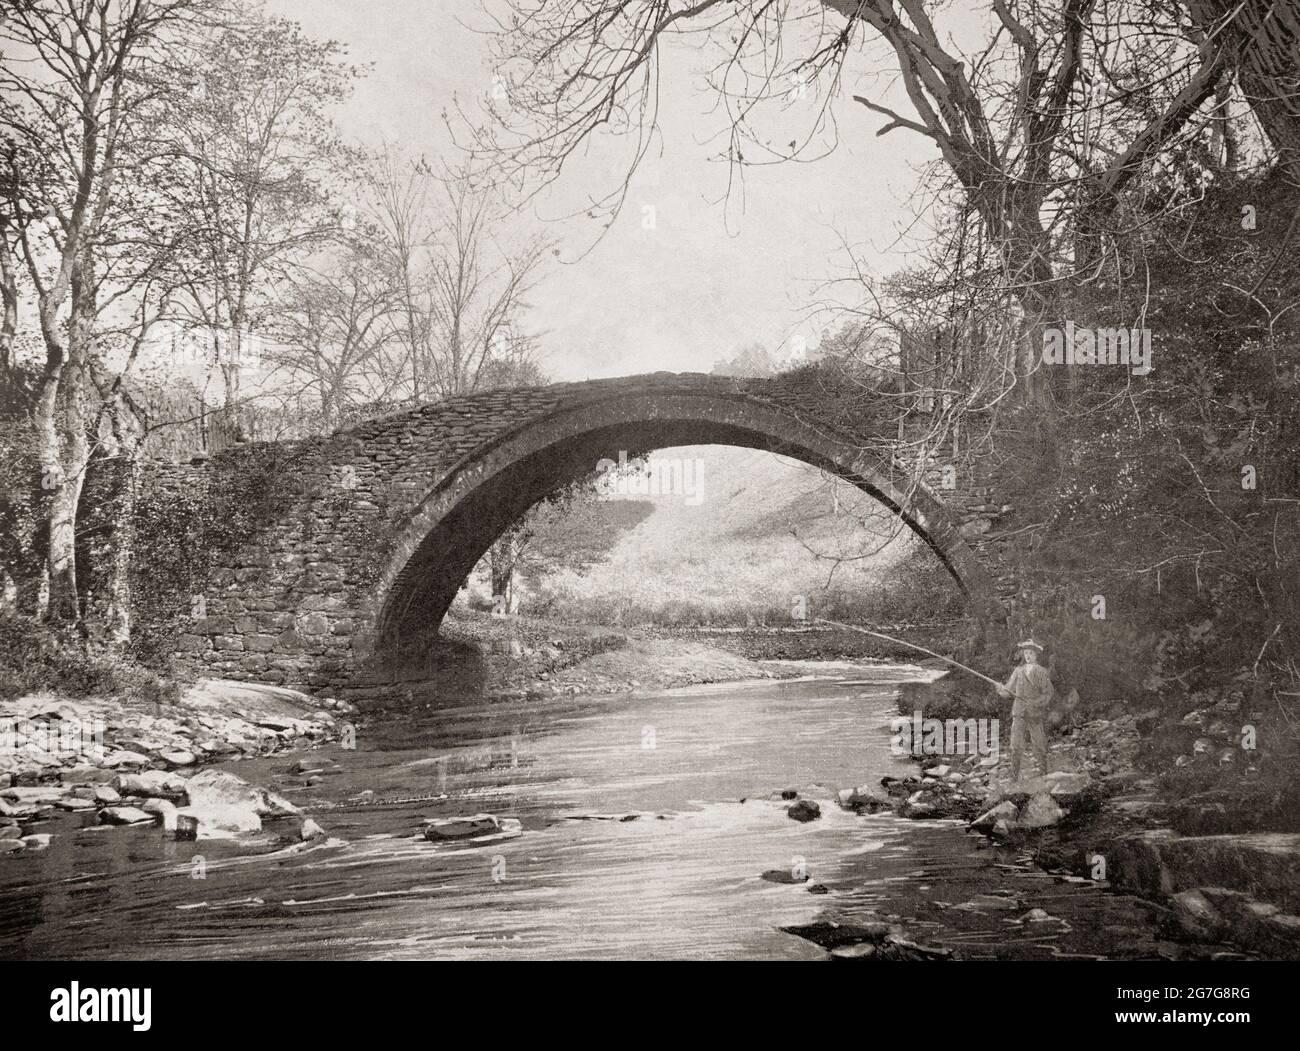 Una vista del tardo 19 ° secolo di un pescatore sotto il 'Ponte Romano' sul fiume Mousemill appena a ovest di Lanark, una città nella cintura centrale della Scozia. Probabilmente il Mousemill Bridge, menzionato per la prima volta nel 1587. Il ponte di pietra che si erge oggi sembra essere stato costruito e sostituito con una struttura in legno intorno al 1649. All'inizio del 19 ° secolo il moderno ponte è stato costruito a pochi metri di distanza e il vecchio permesso di cadere in decadimento. Così probabilmente di dubbia eredità romana! Foto Stock